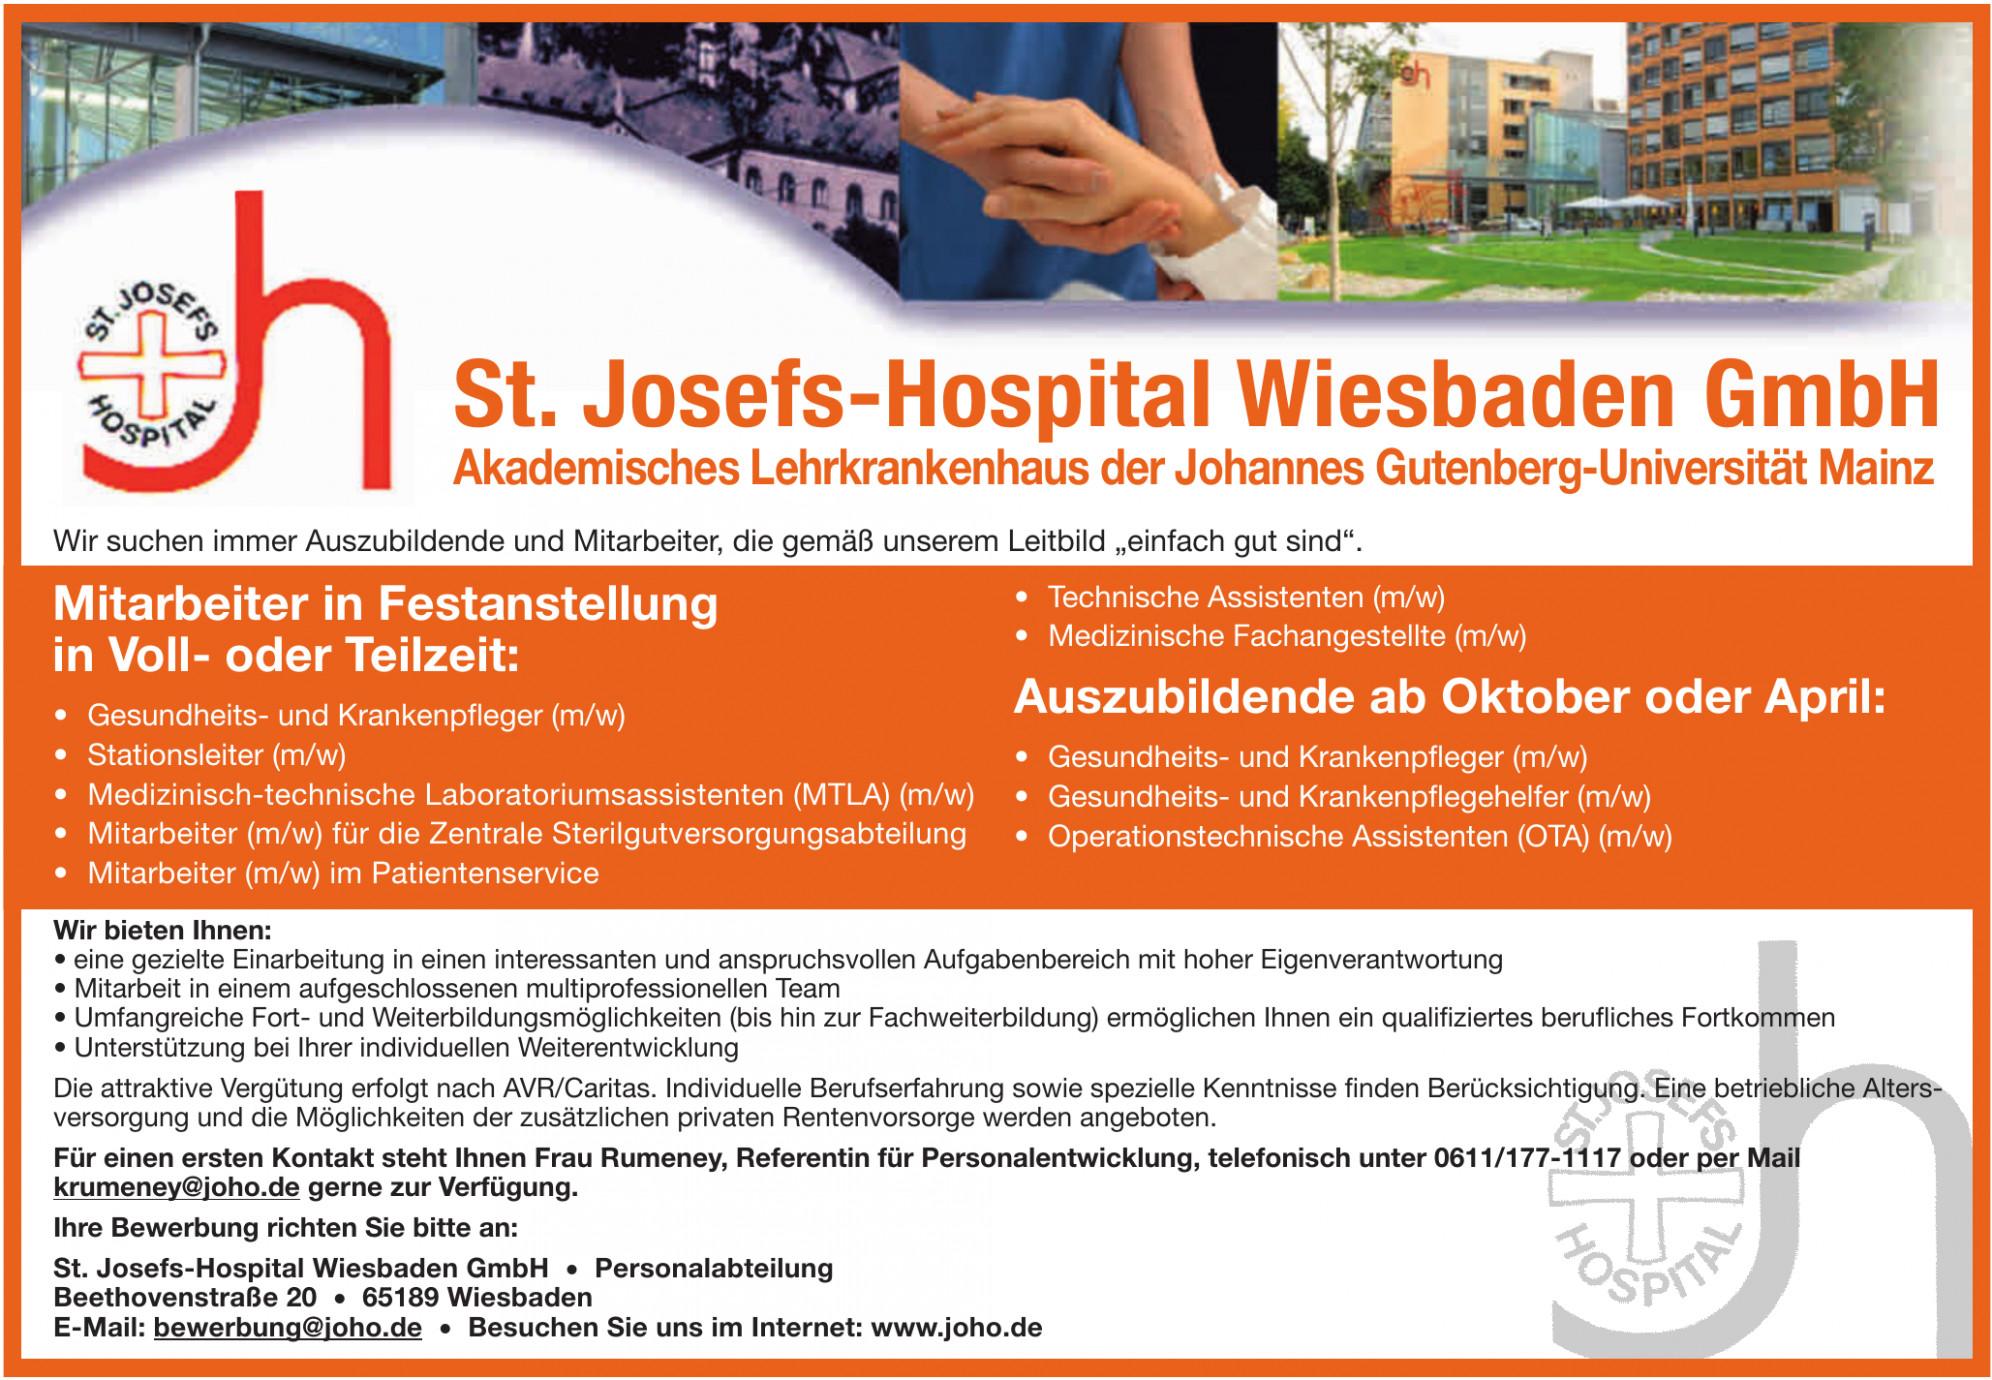 St. Josefs-Hospital Wiesbaden GmbH